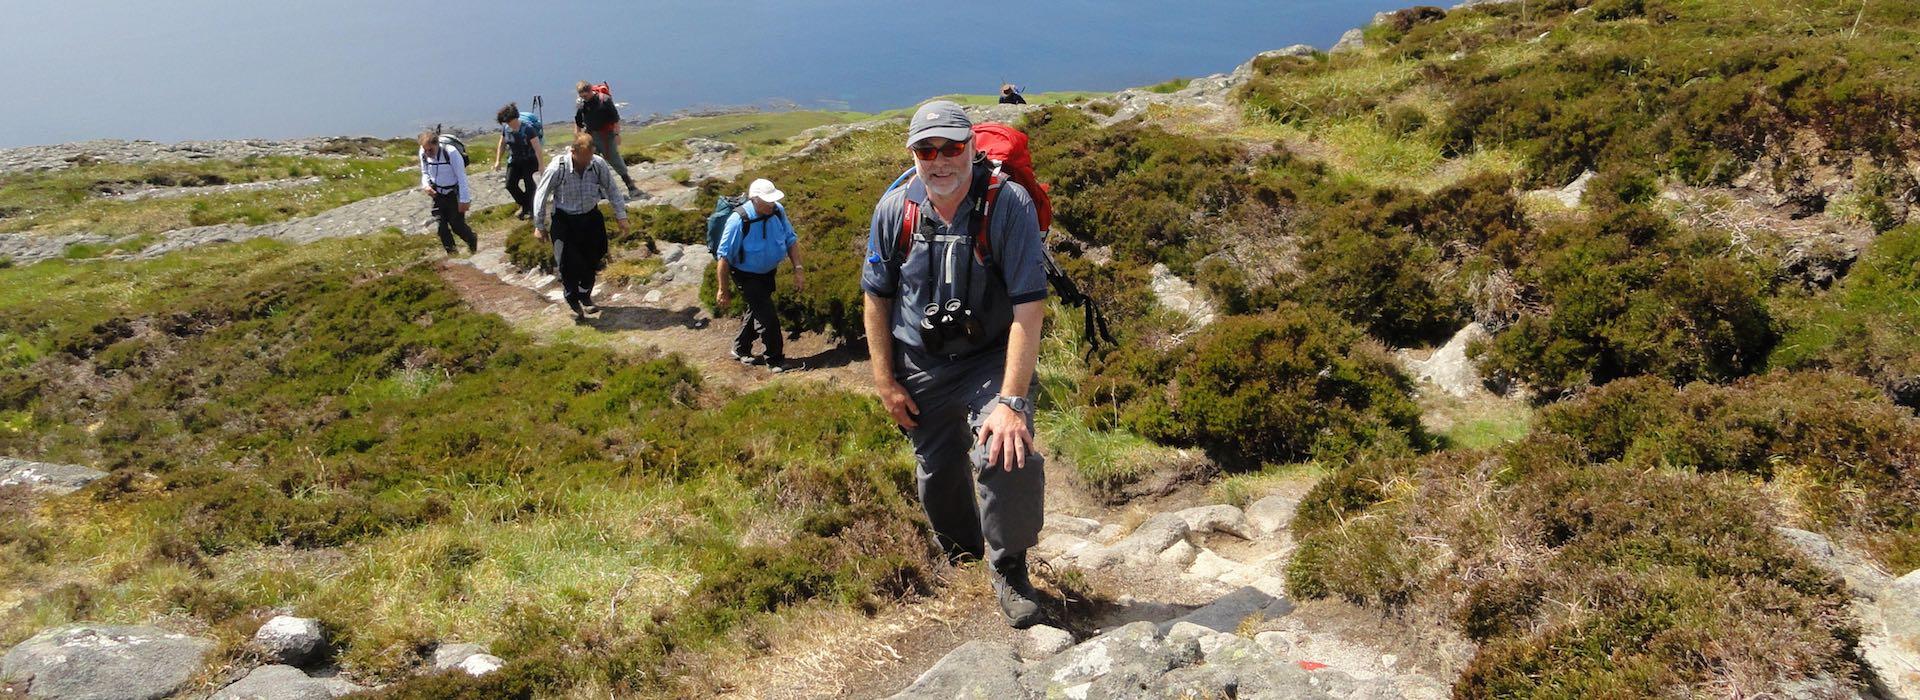 Top Ten Rucksack Essentials: Walking Holiday in Scotland